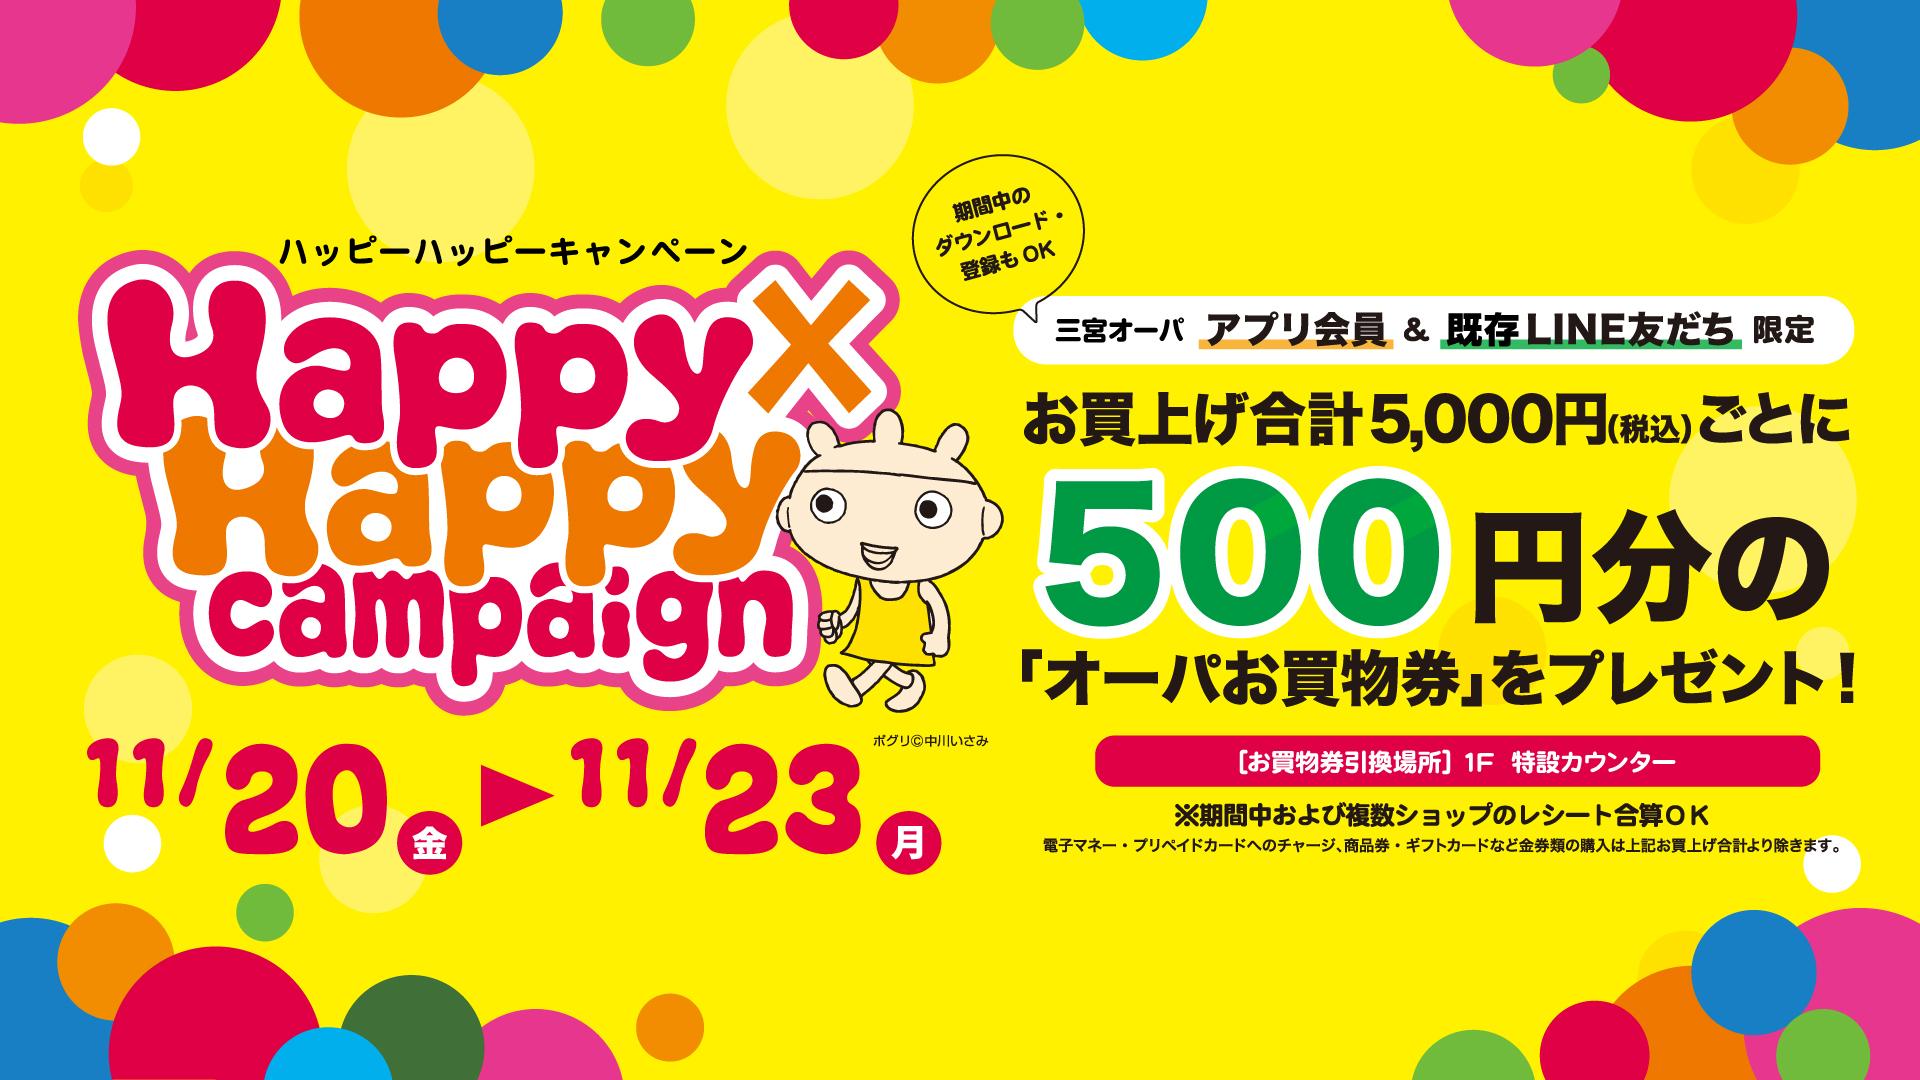 Happy×2キャンペーン画像_1920x1080